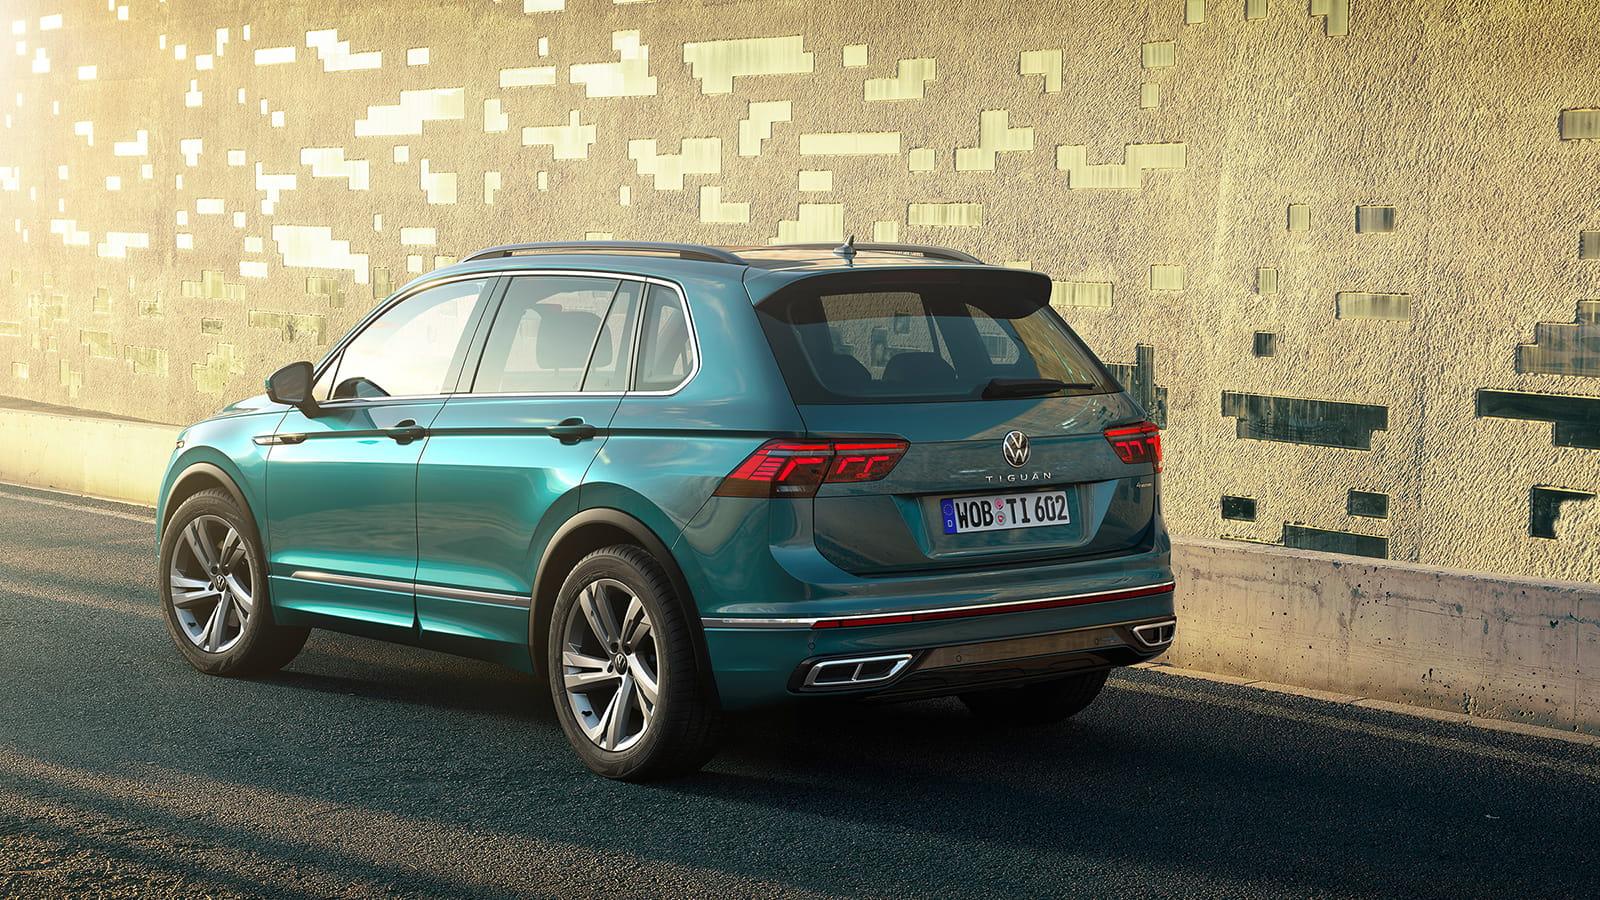 Νέο Volkswagen Tiguan - Πίσω όψη